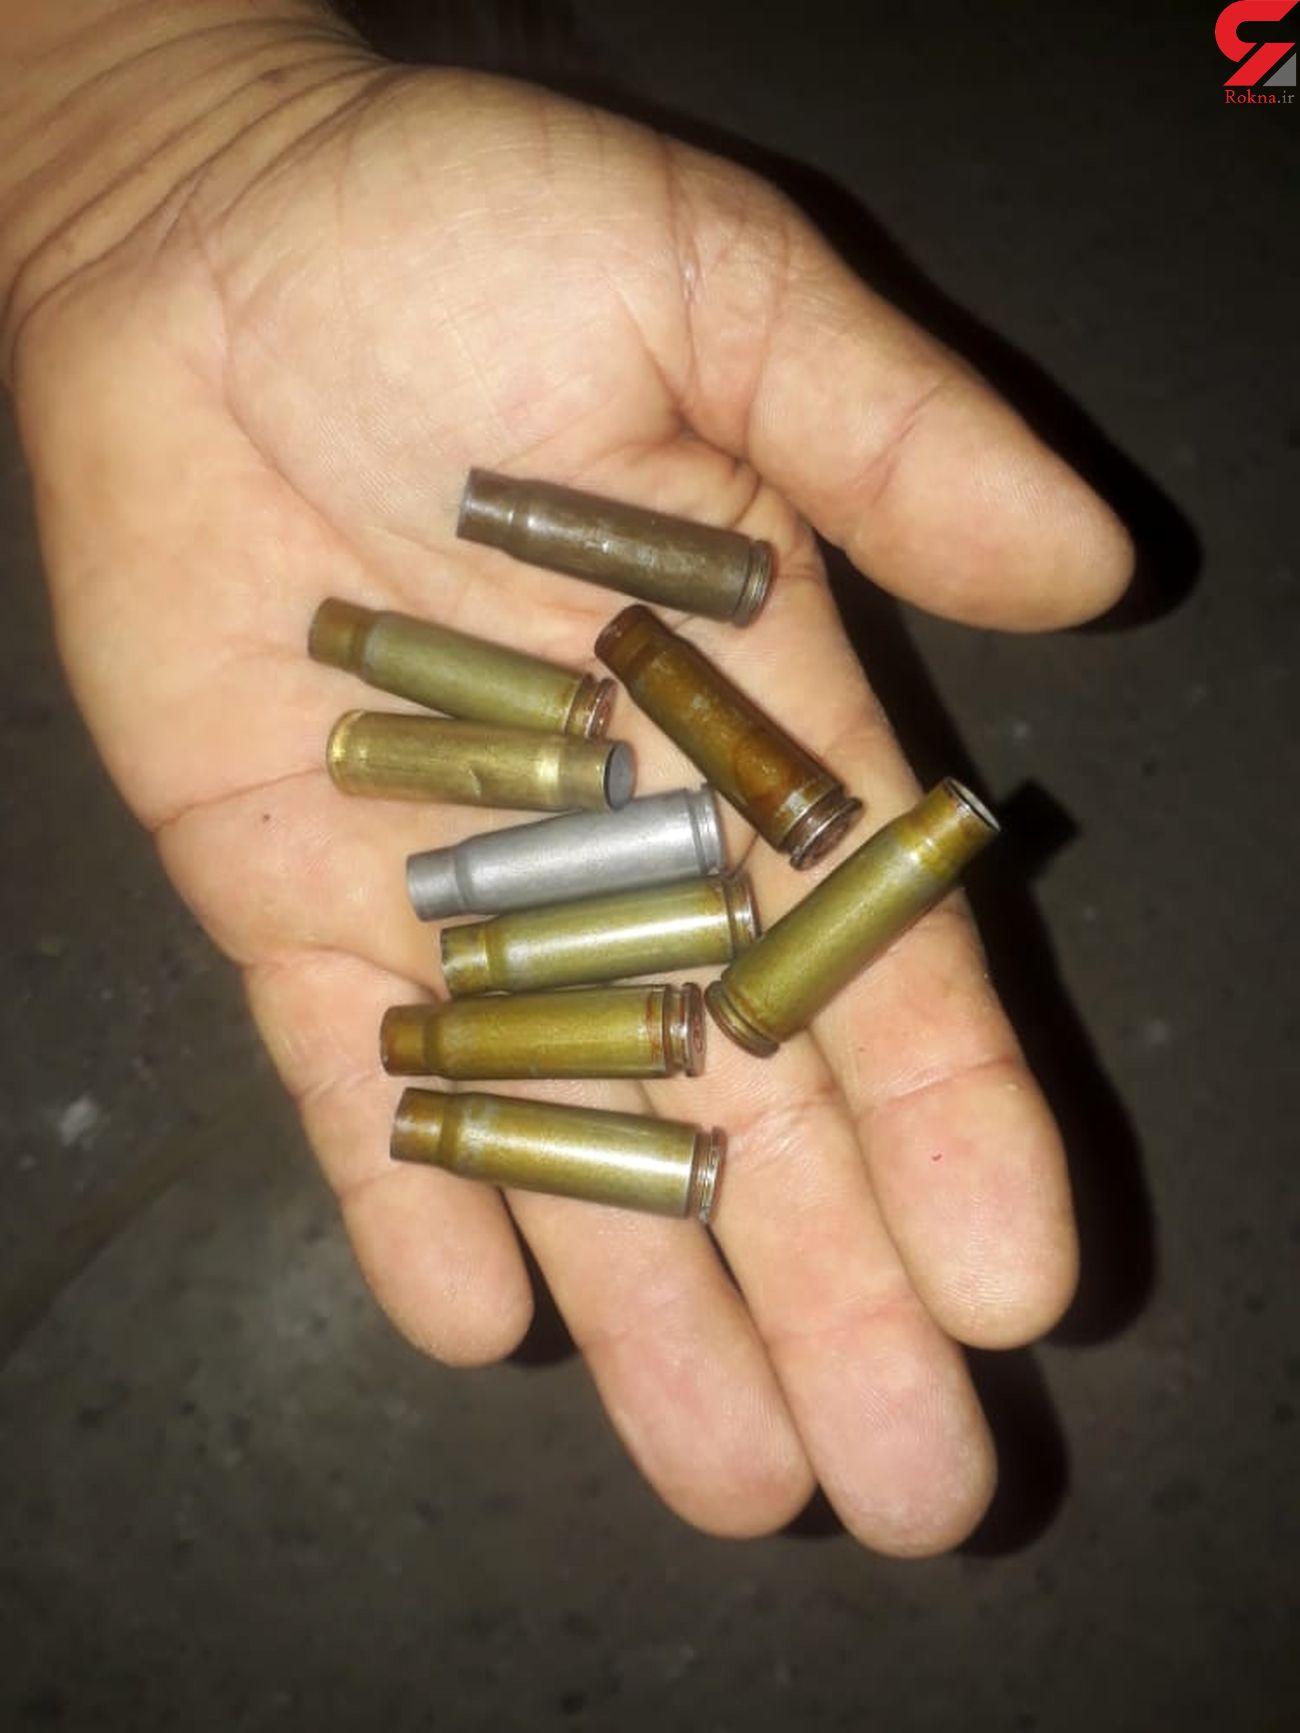 سرقت مسلحانه کابل برق در خرمشهر  / برق منطقه قطع شد + عکس تیرخوردن یک مرد